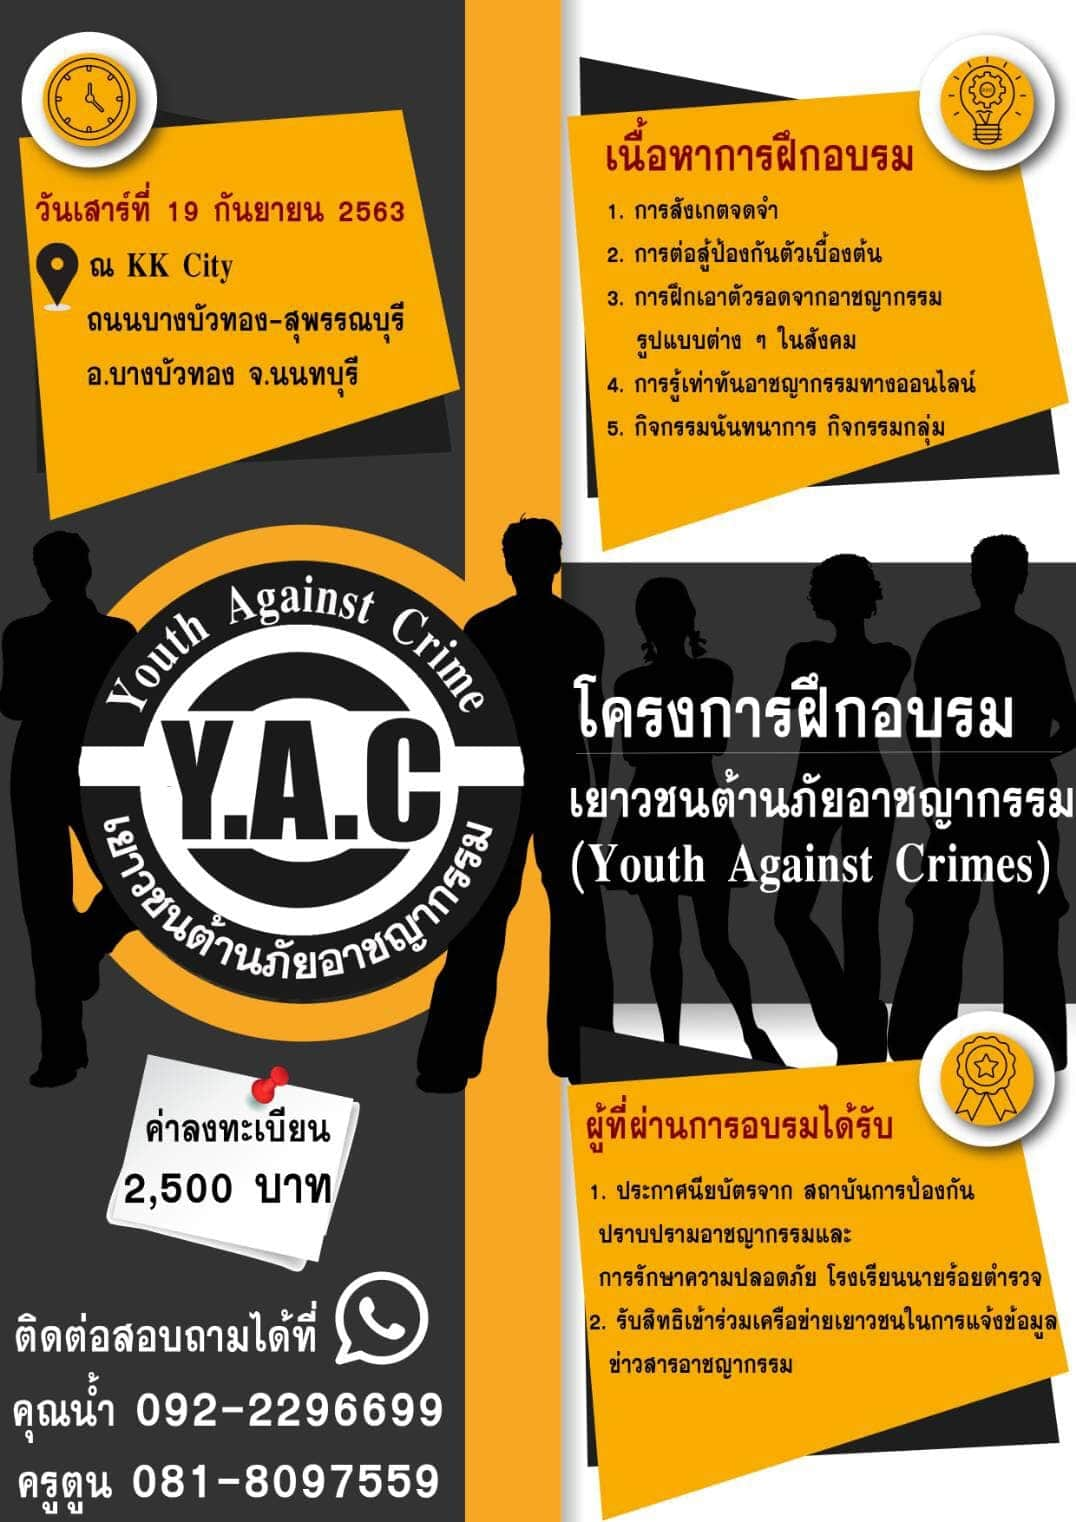 โครงการฝึกอบรม เยาวชนต้านภัยอาชญากรรม (Youth Against Crime: YAC)